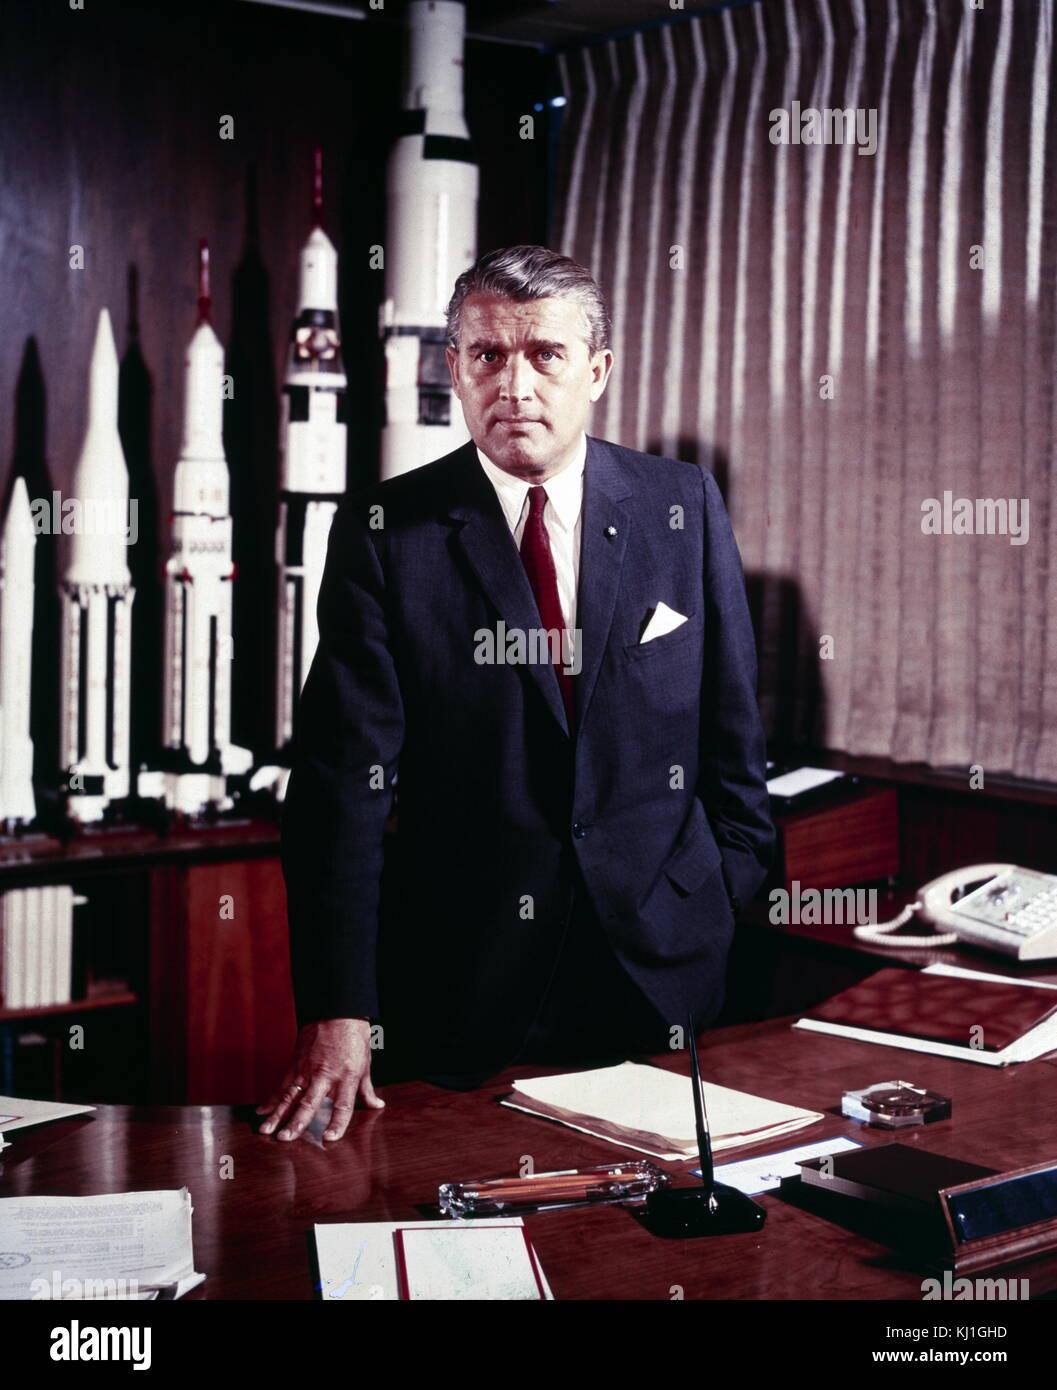 Wernher Magnus Maximilian Freiherr von Braun (23. März 1912 - 16. Juni 1977) war ein Deutscher, später Amerikanischen, Stockfoto